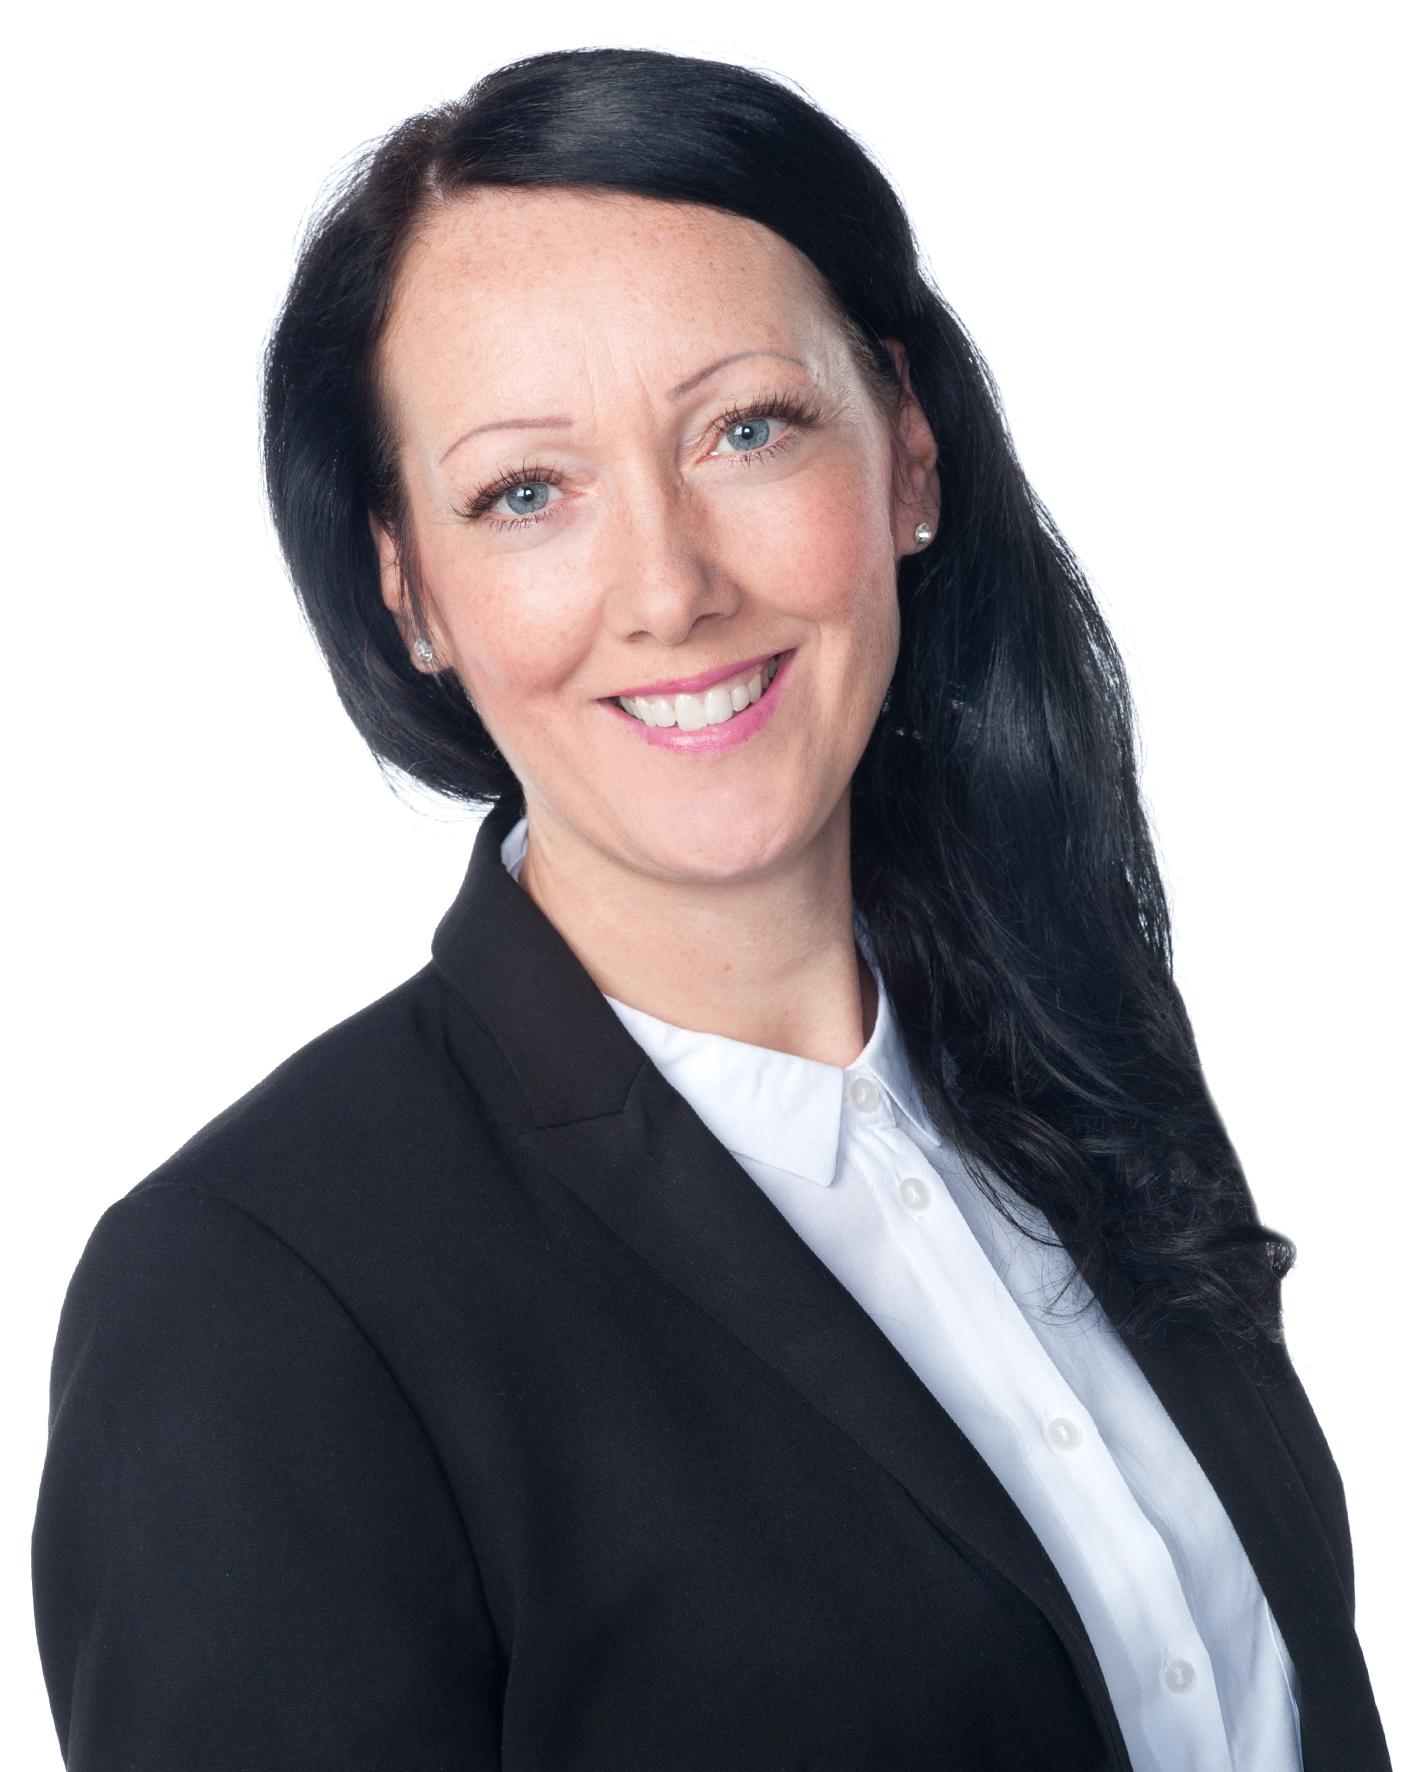 Anne Väisänen | Consultant Manager